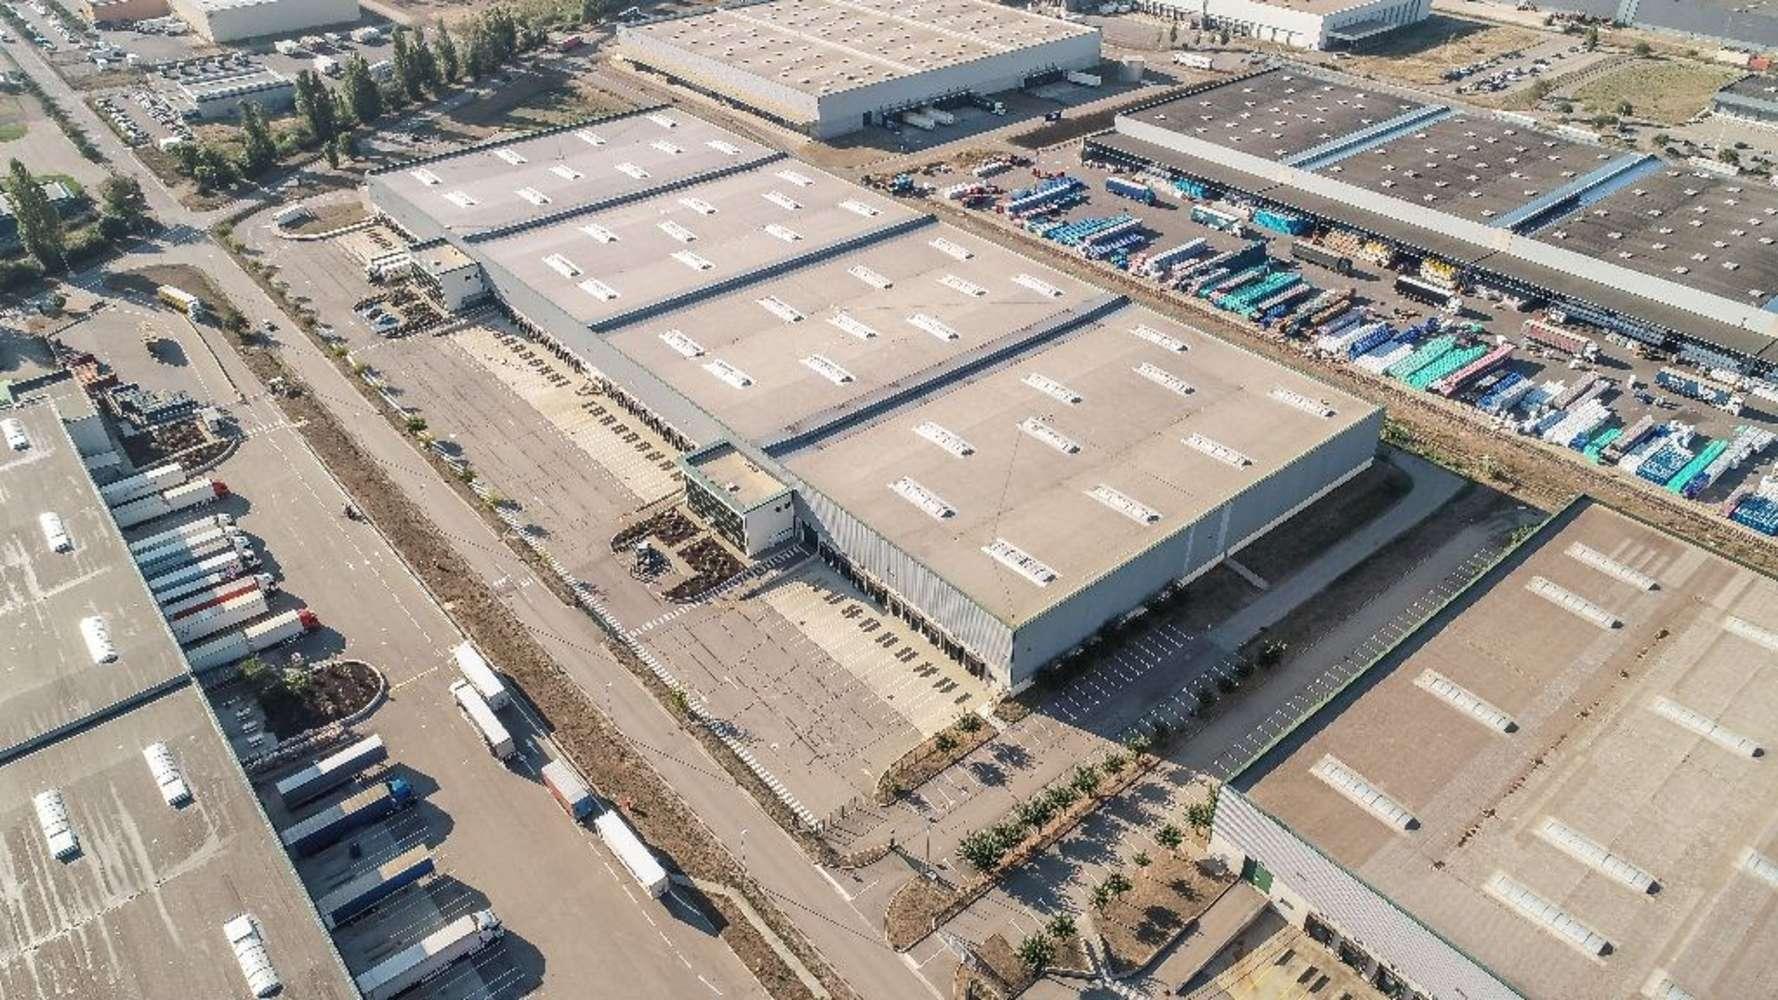 Plateformes logistiques Miramas, 13140 - Location entrepot Marseille - Logistique - 9772021